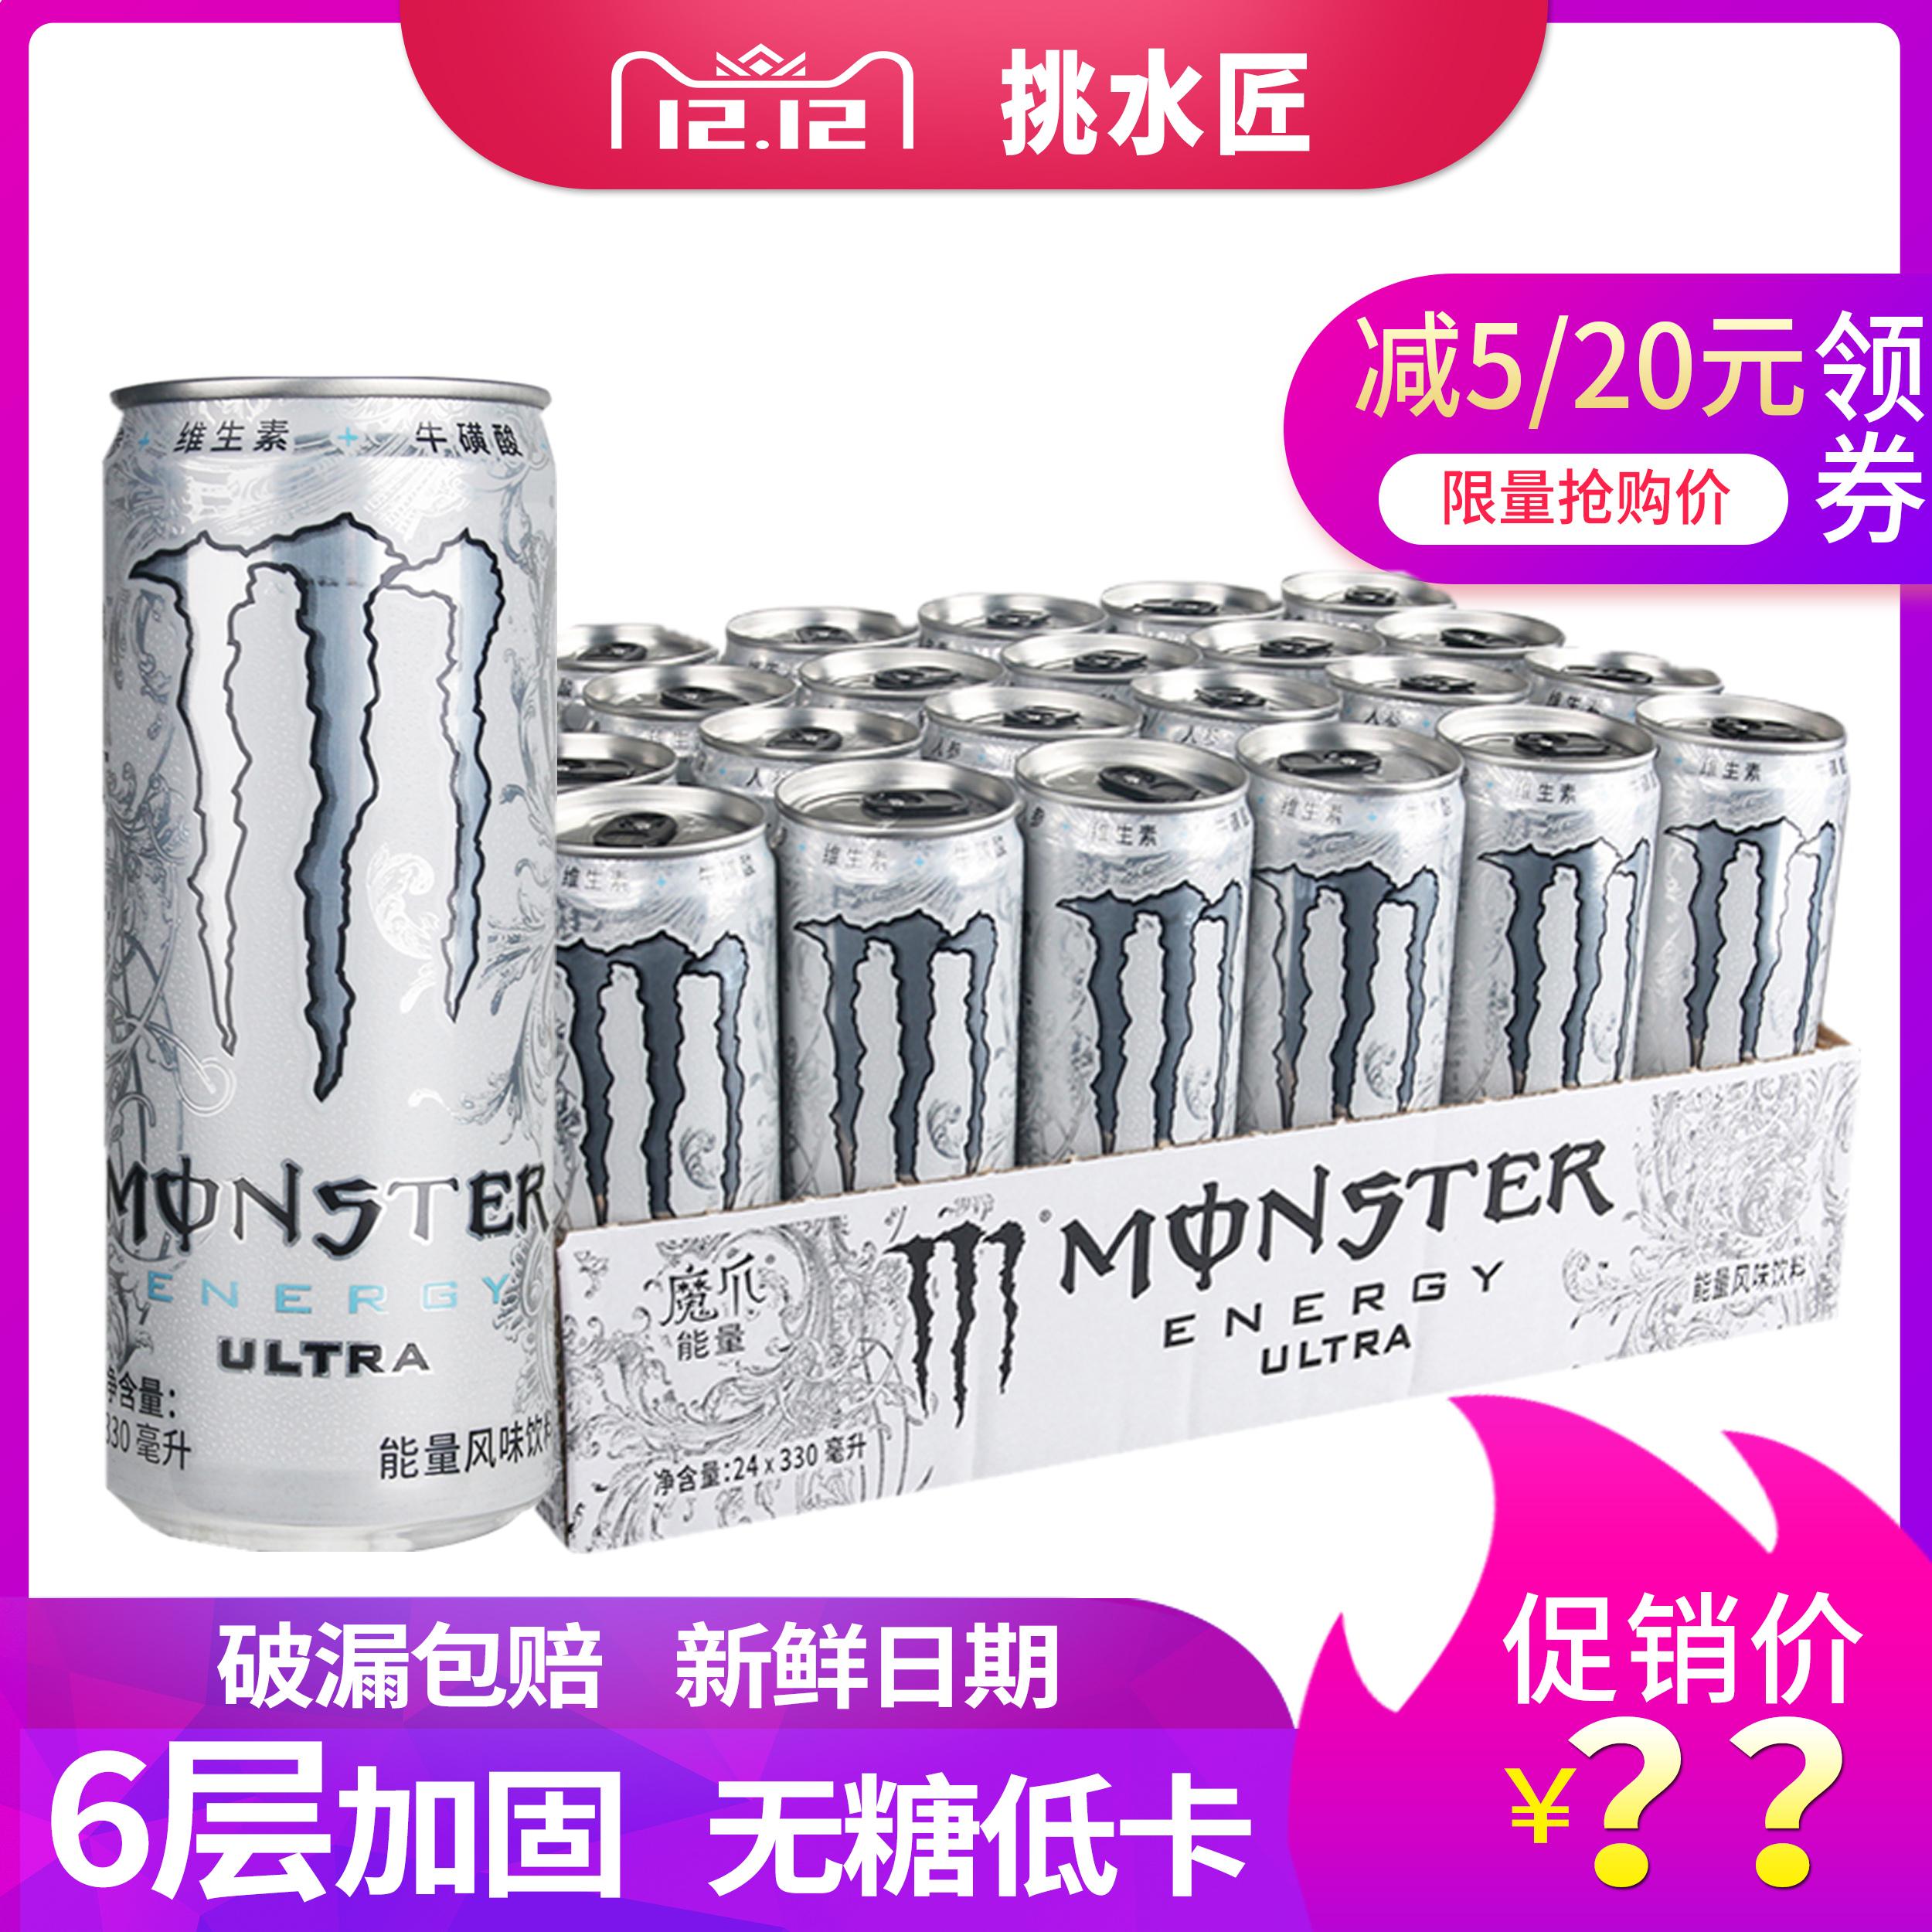 无糖白魔爪饮料monster可口可乐维生素能量功能运动芒果魔抓24罐